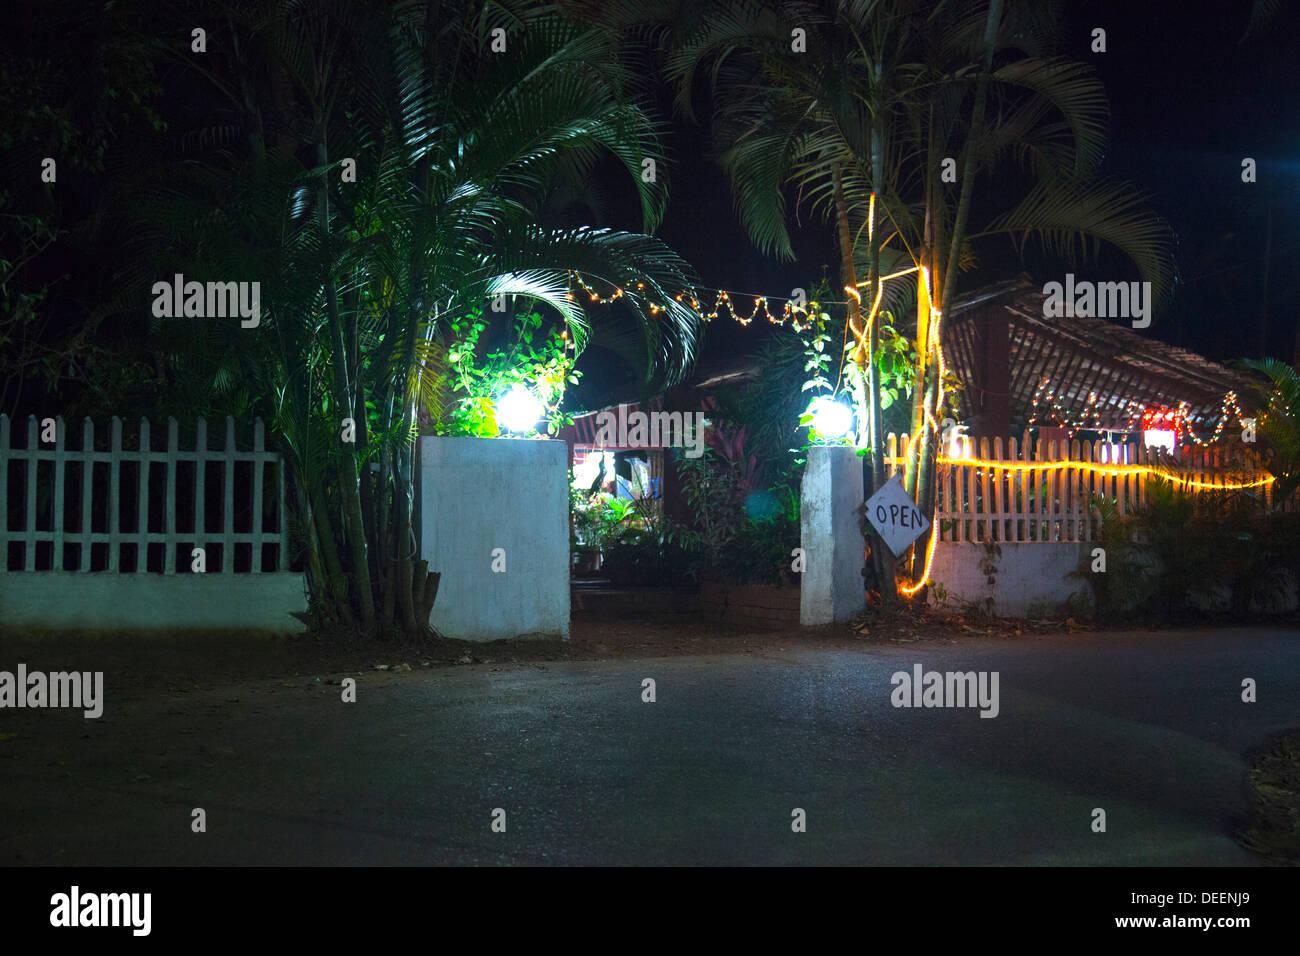 Entrée d'un restaurant éclairé la nuit, Papa Joe's Restaurant, Panaji, Goa, Inde Photo Stock